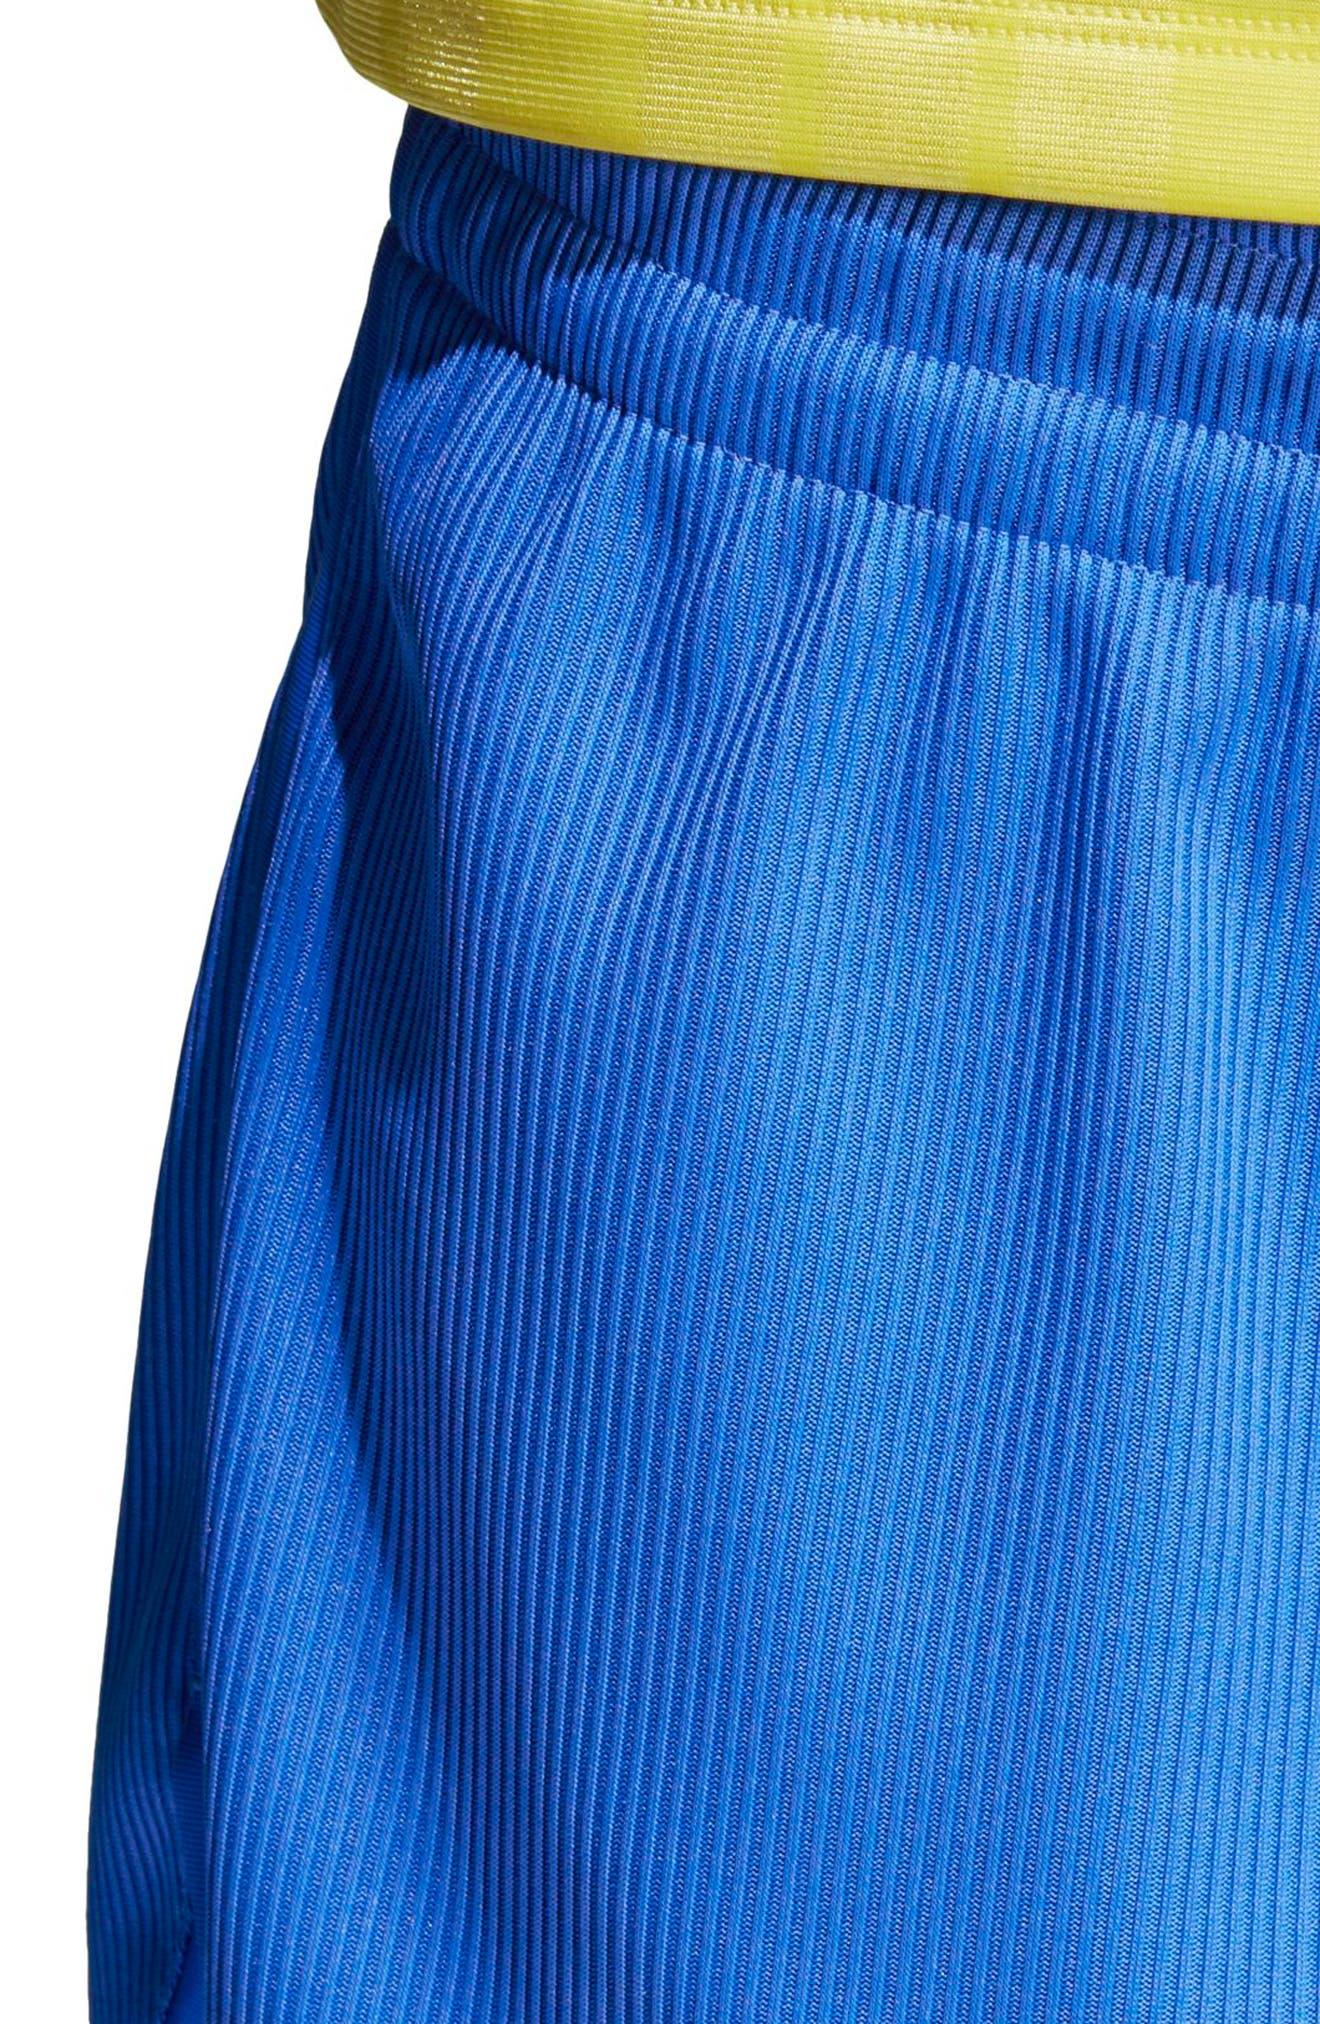 Originals Fashion League Shorts,                             Alternate thumbnail 4, color,                             Hi-Res Blue